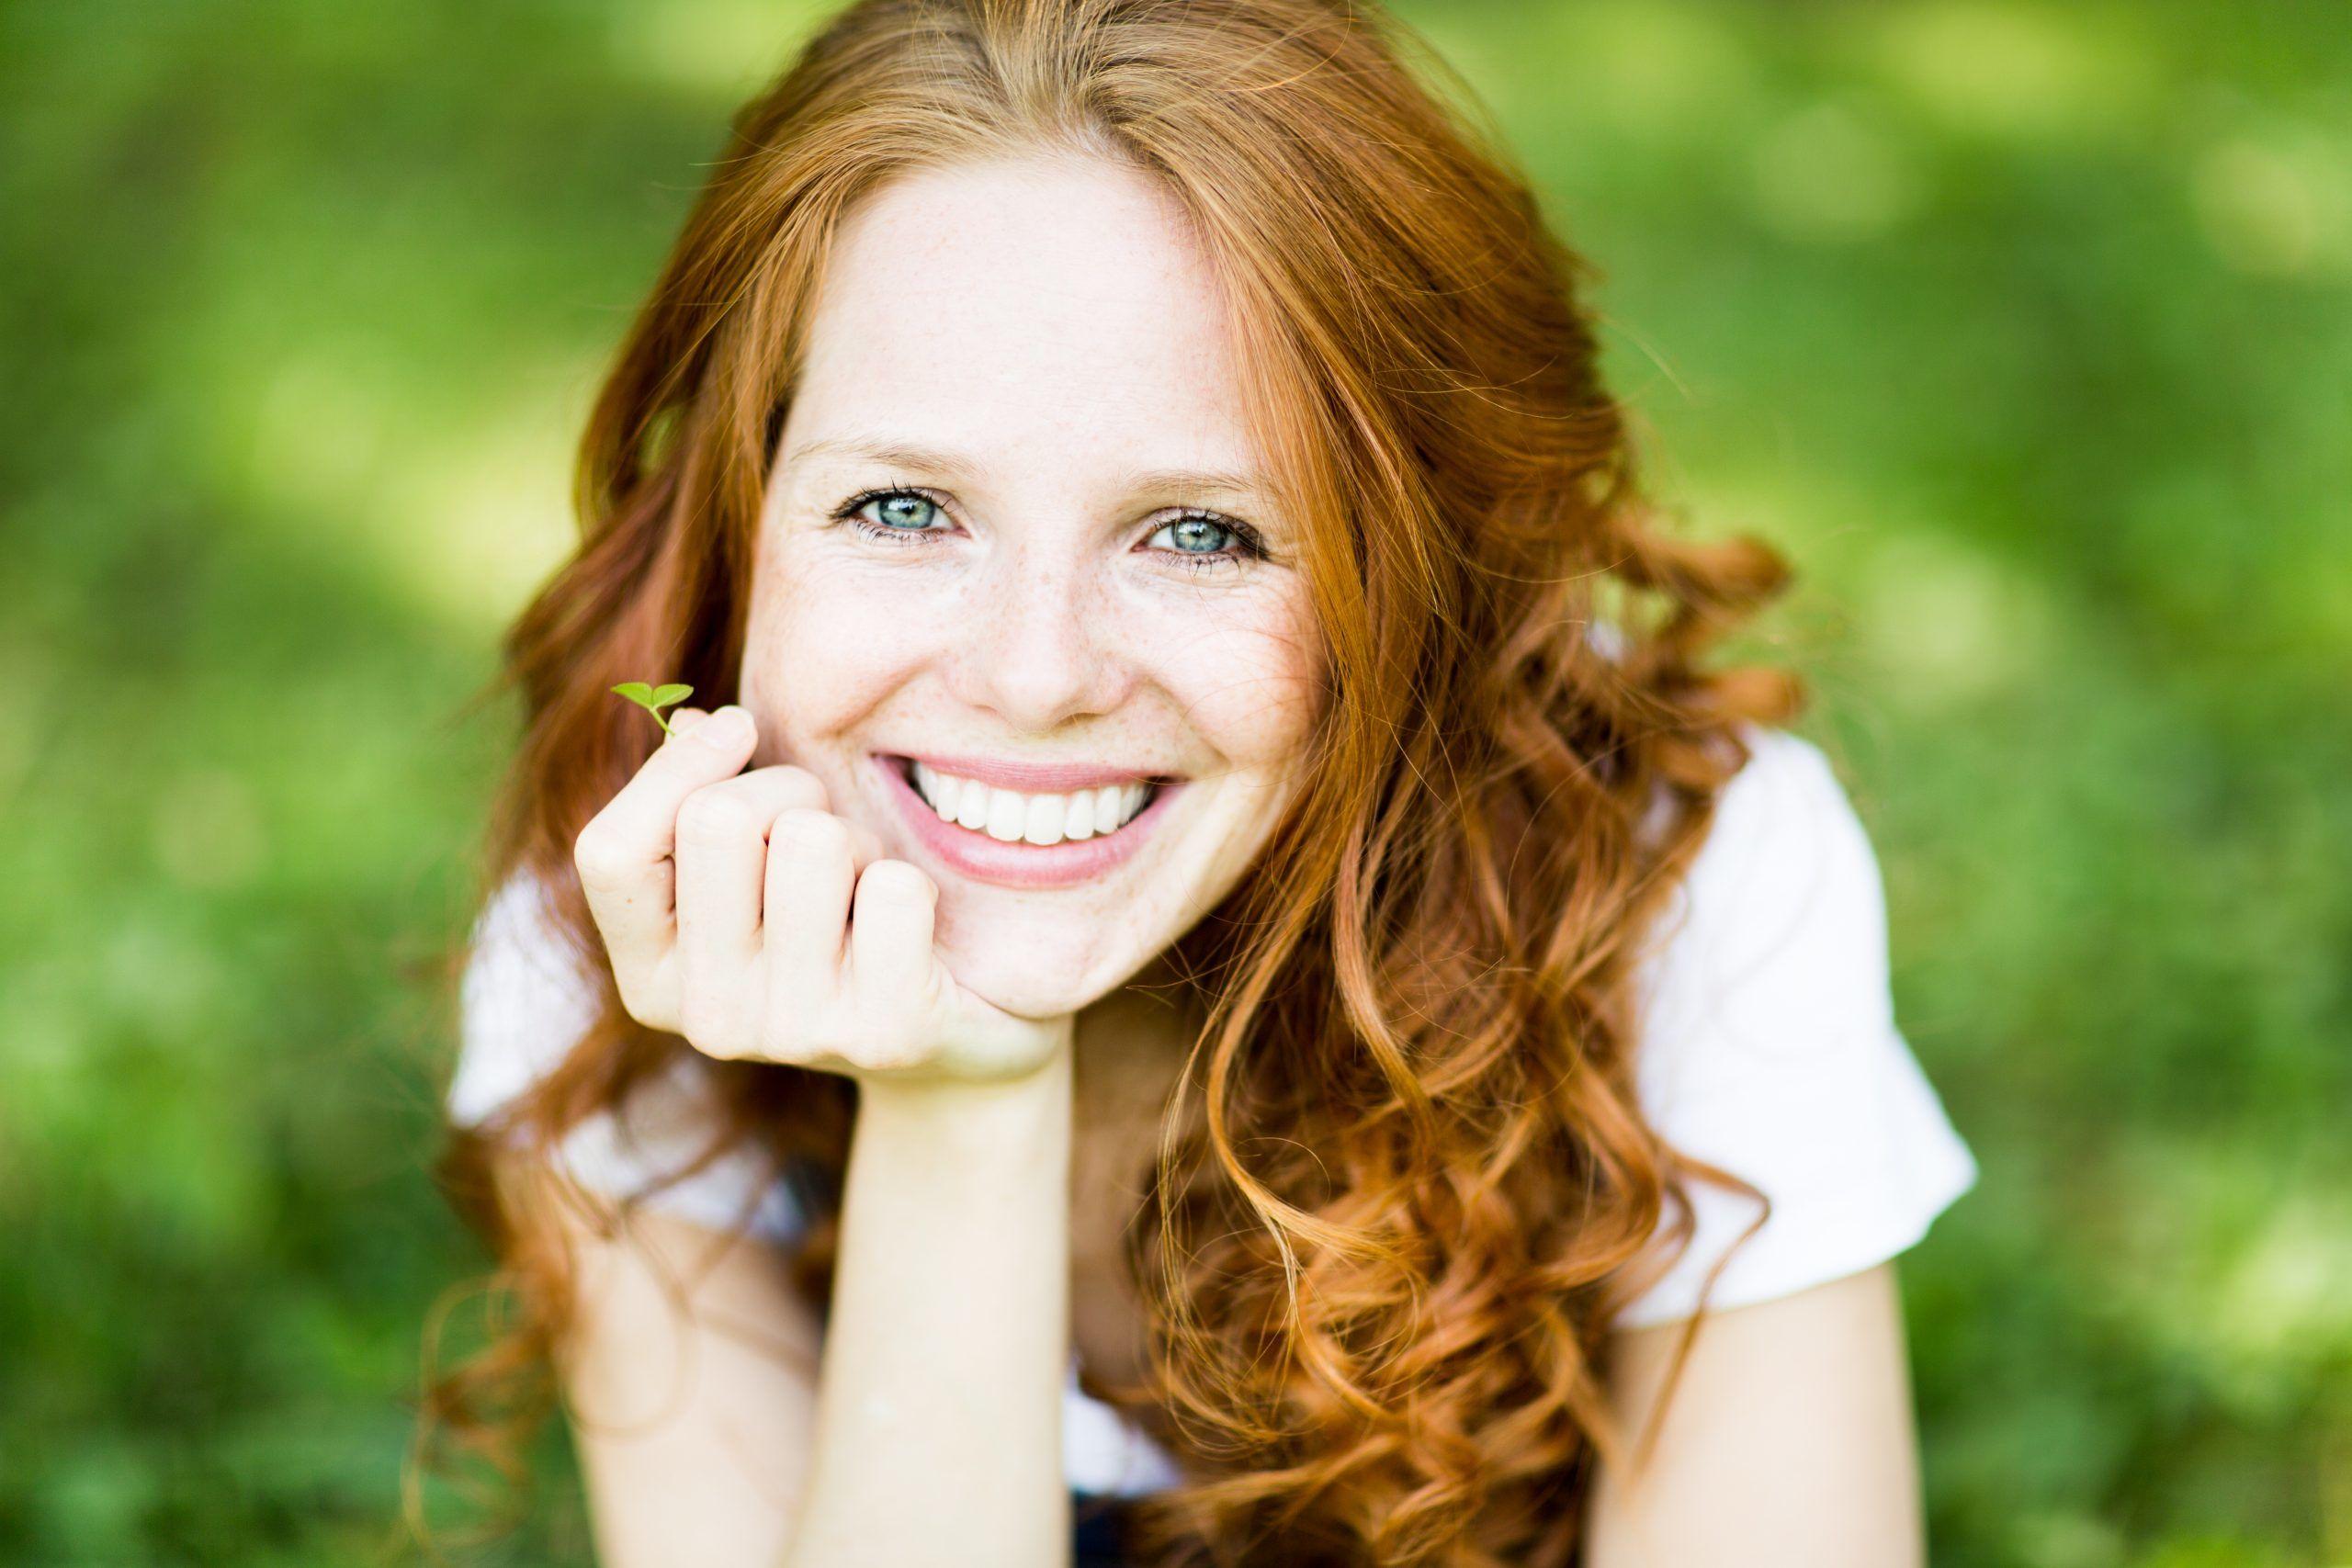 Sorriso dall'aspetto più sano e luminoso? Qualche consiglio